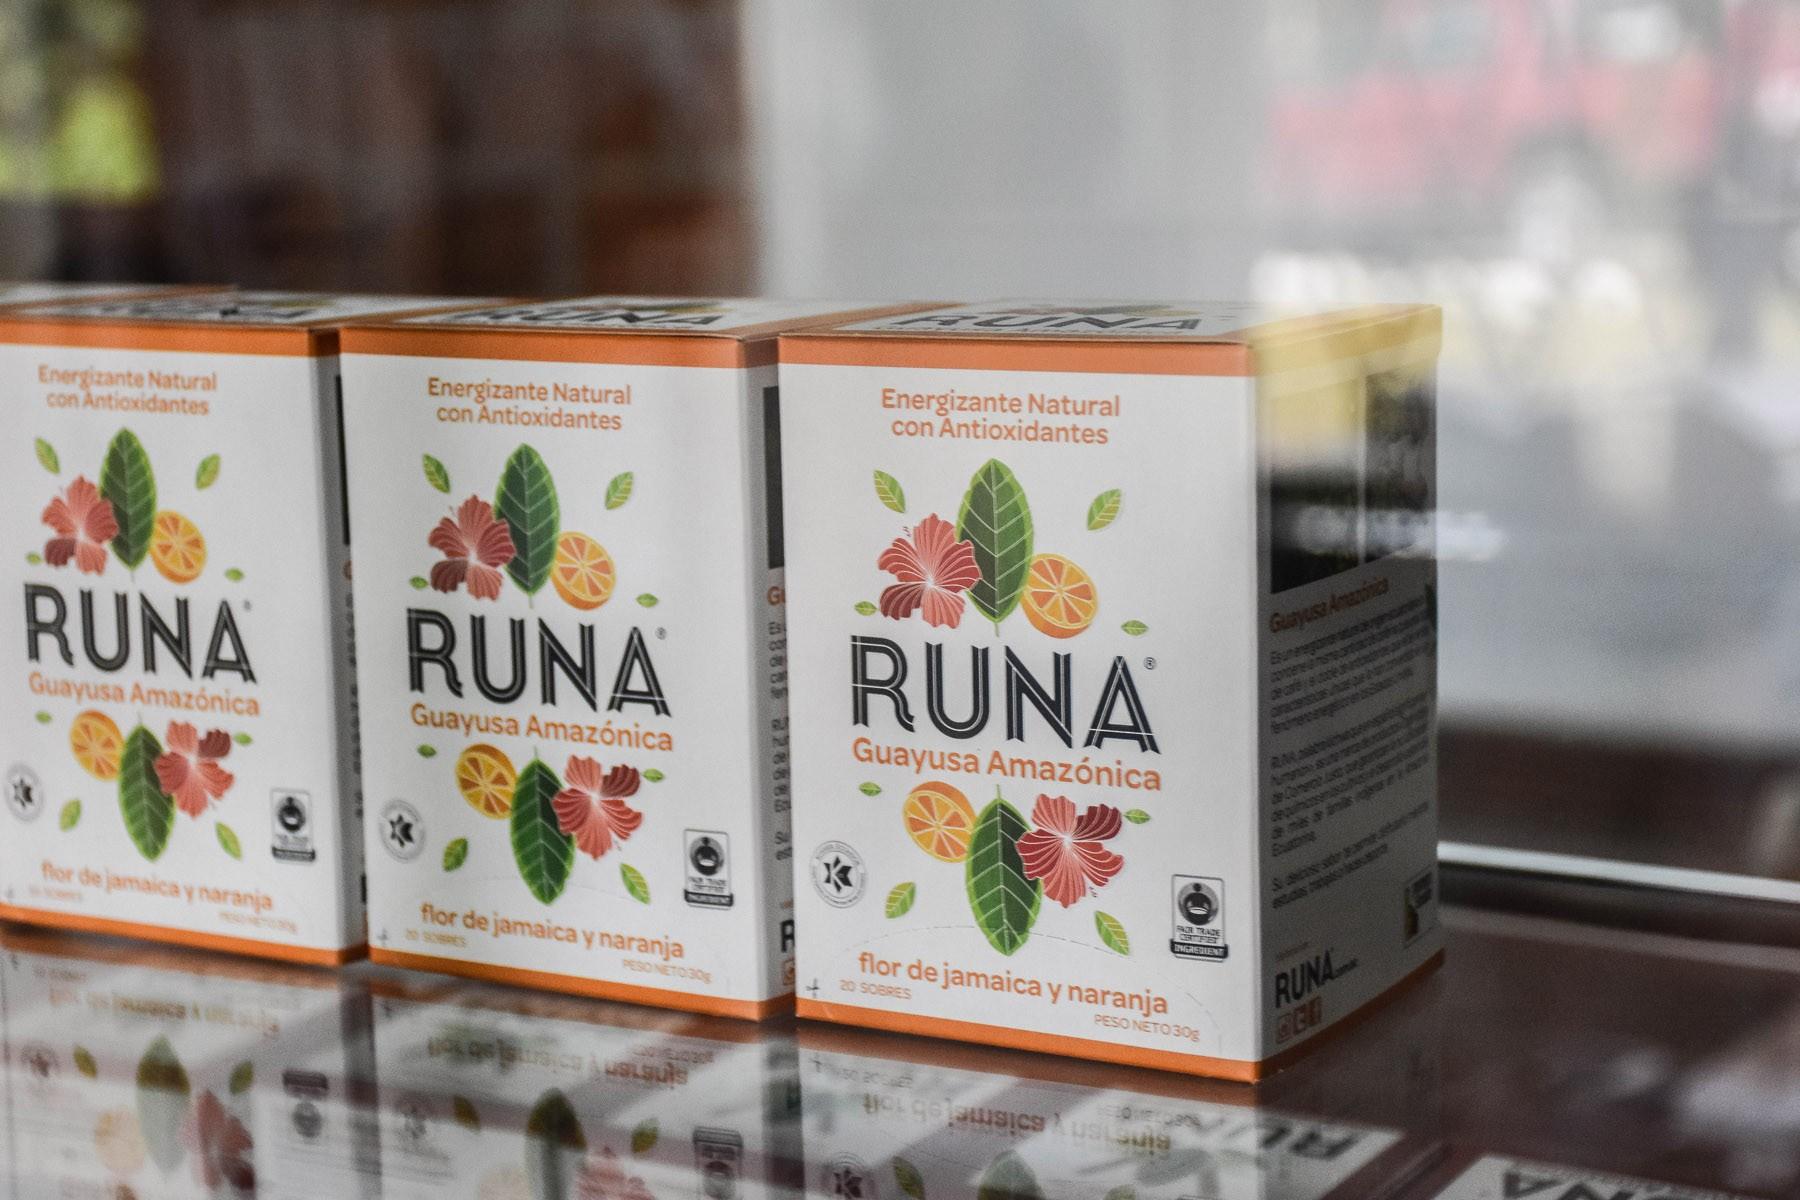 runa_32256857862_o